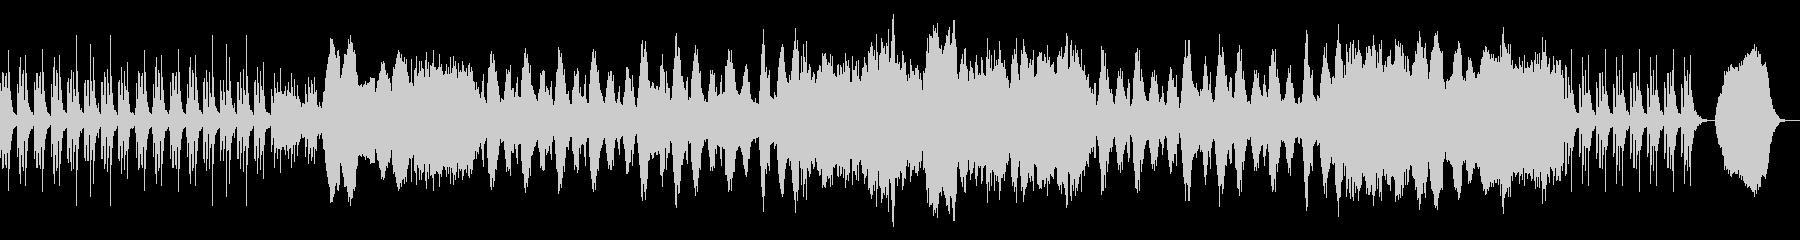 映像 ナレーションBGM RPG 弦楽の未再生の波形